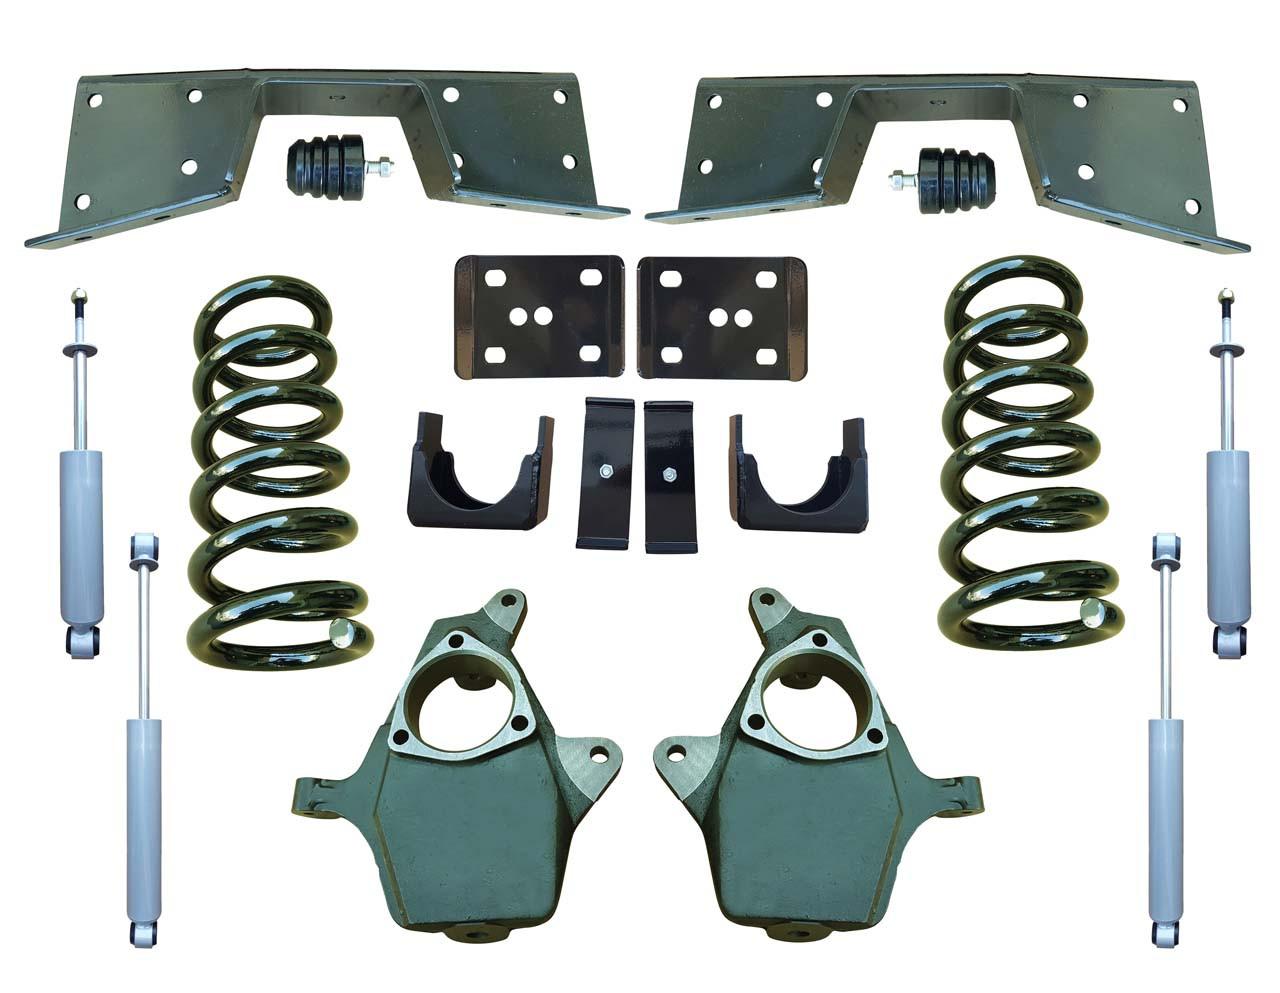 Complete 4/6 Lowering Kit for 99-00 GMC Sierra